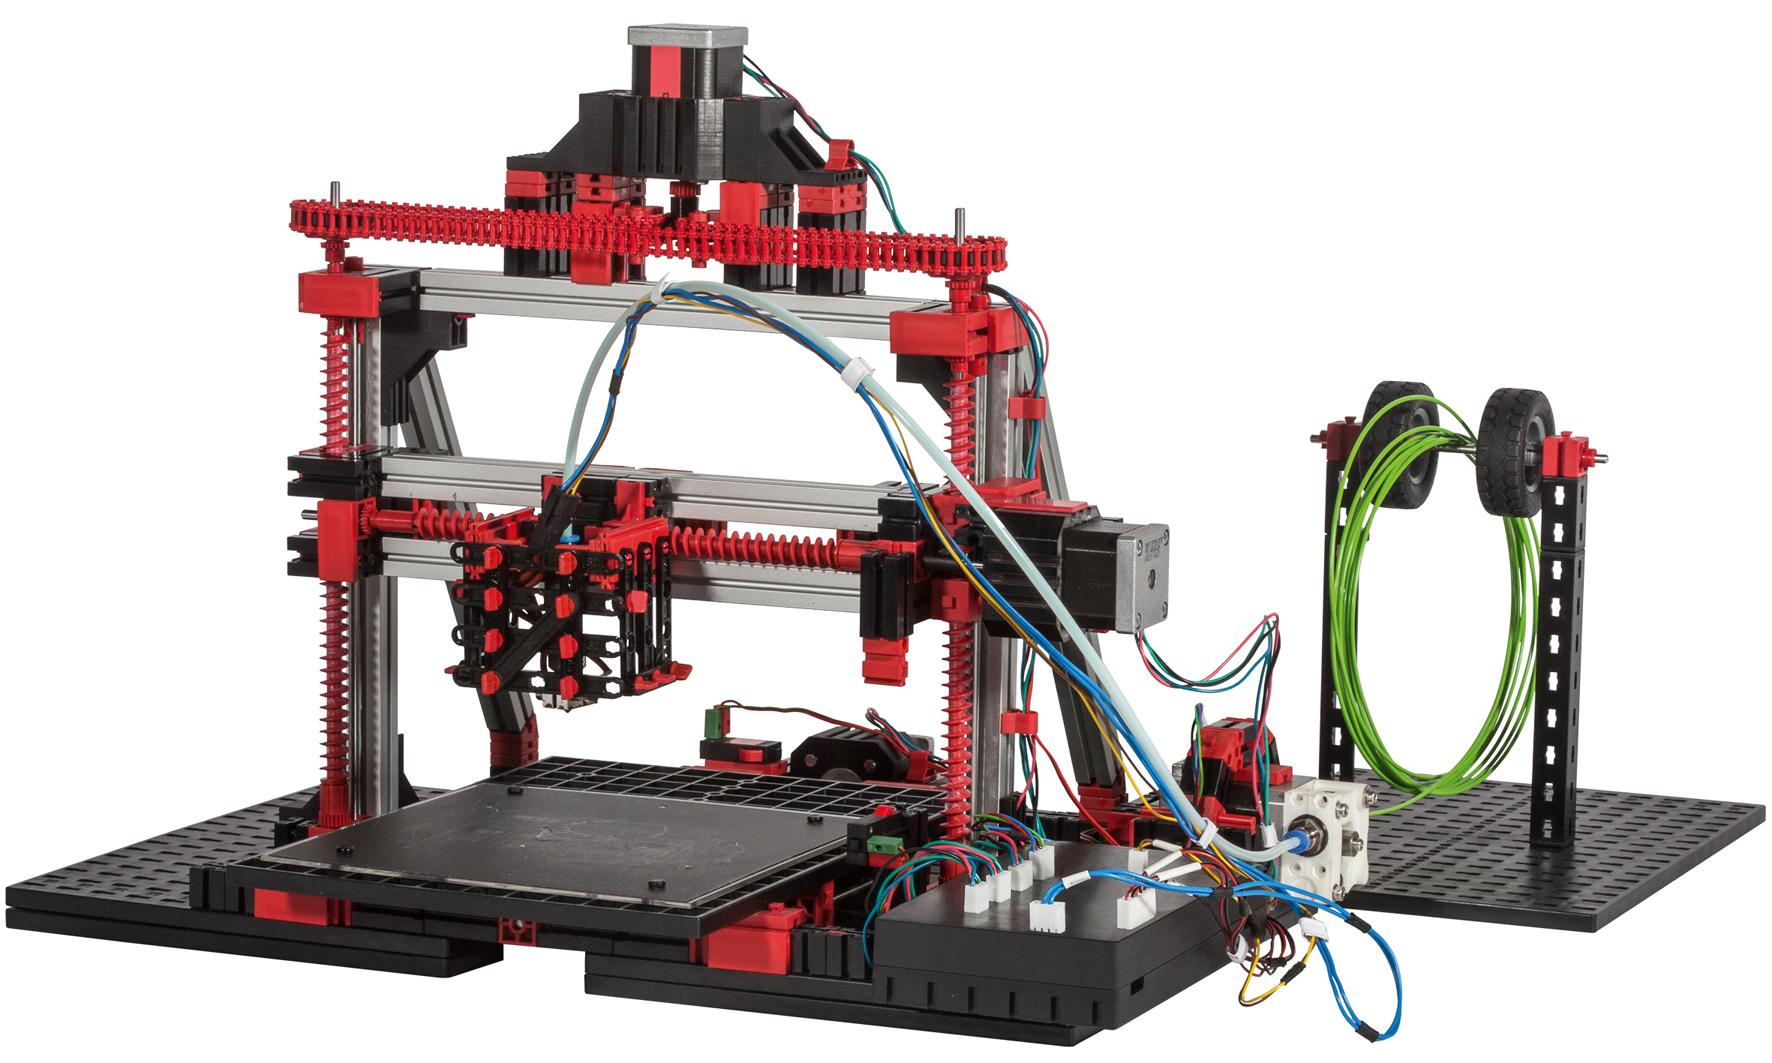 fischertechnik 3D-Drucker